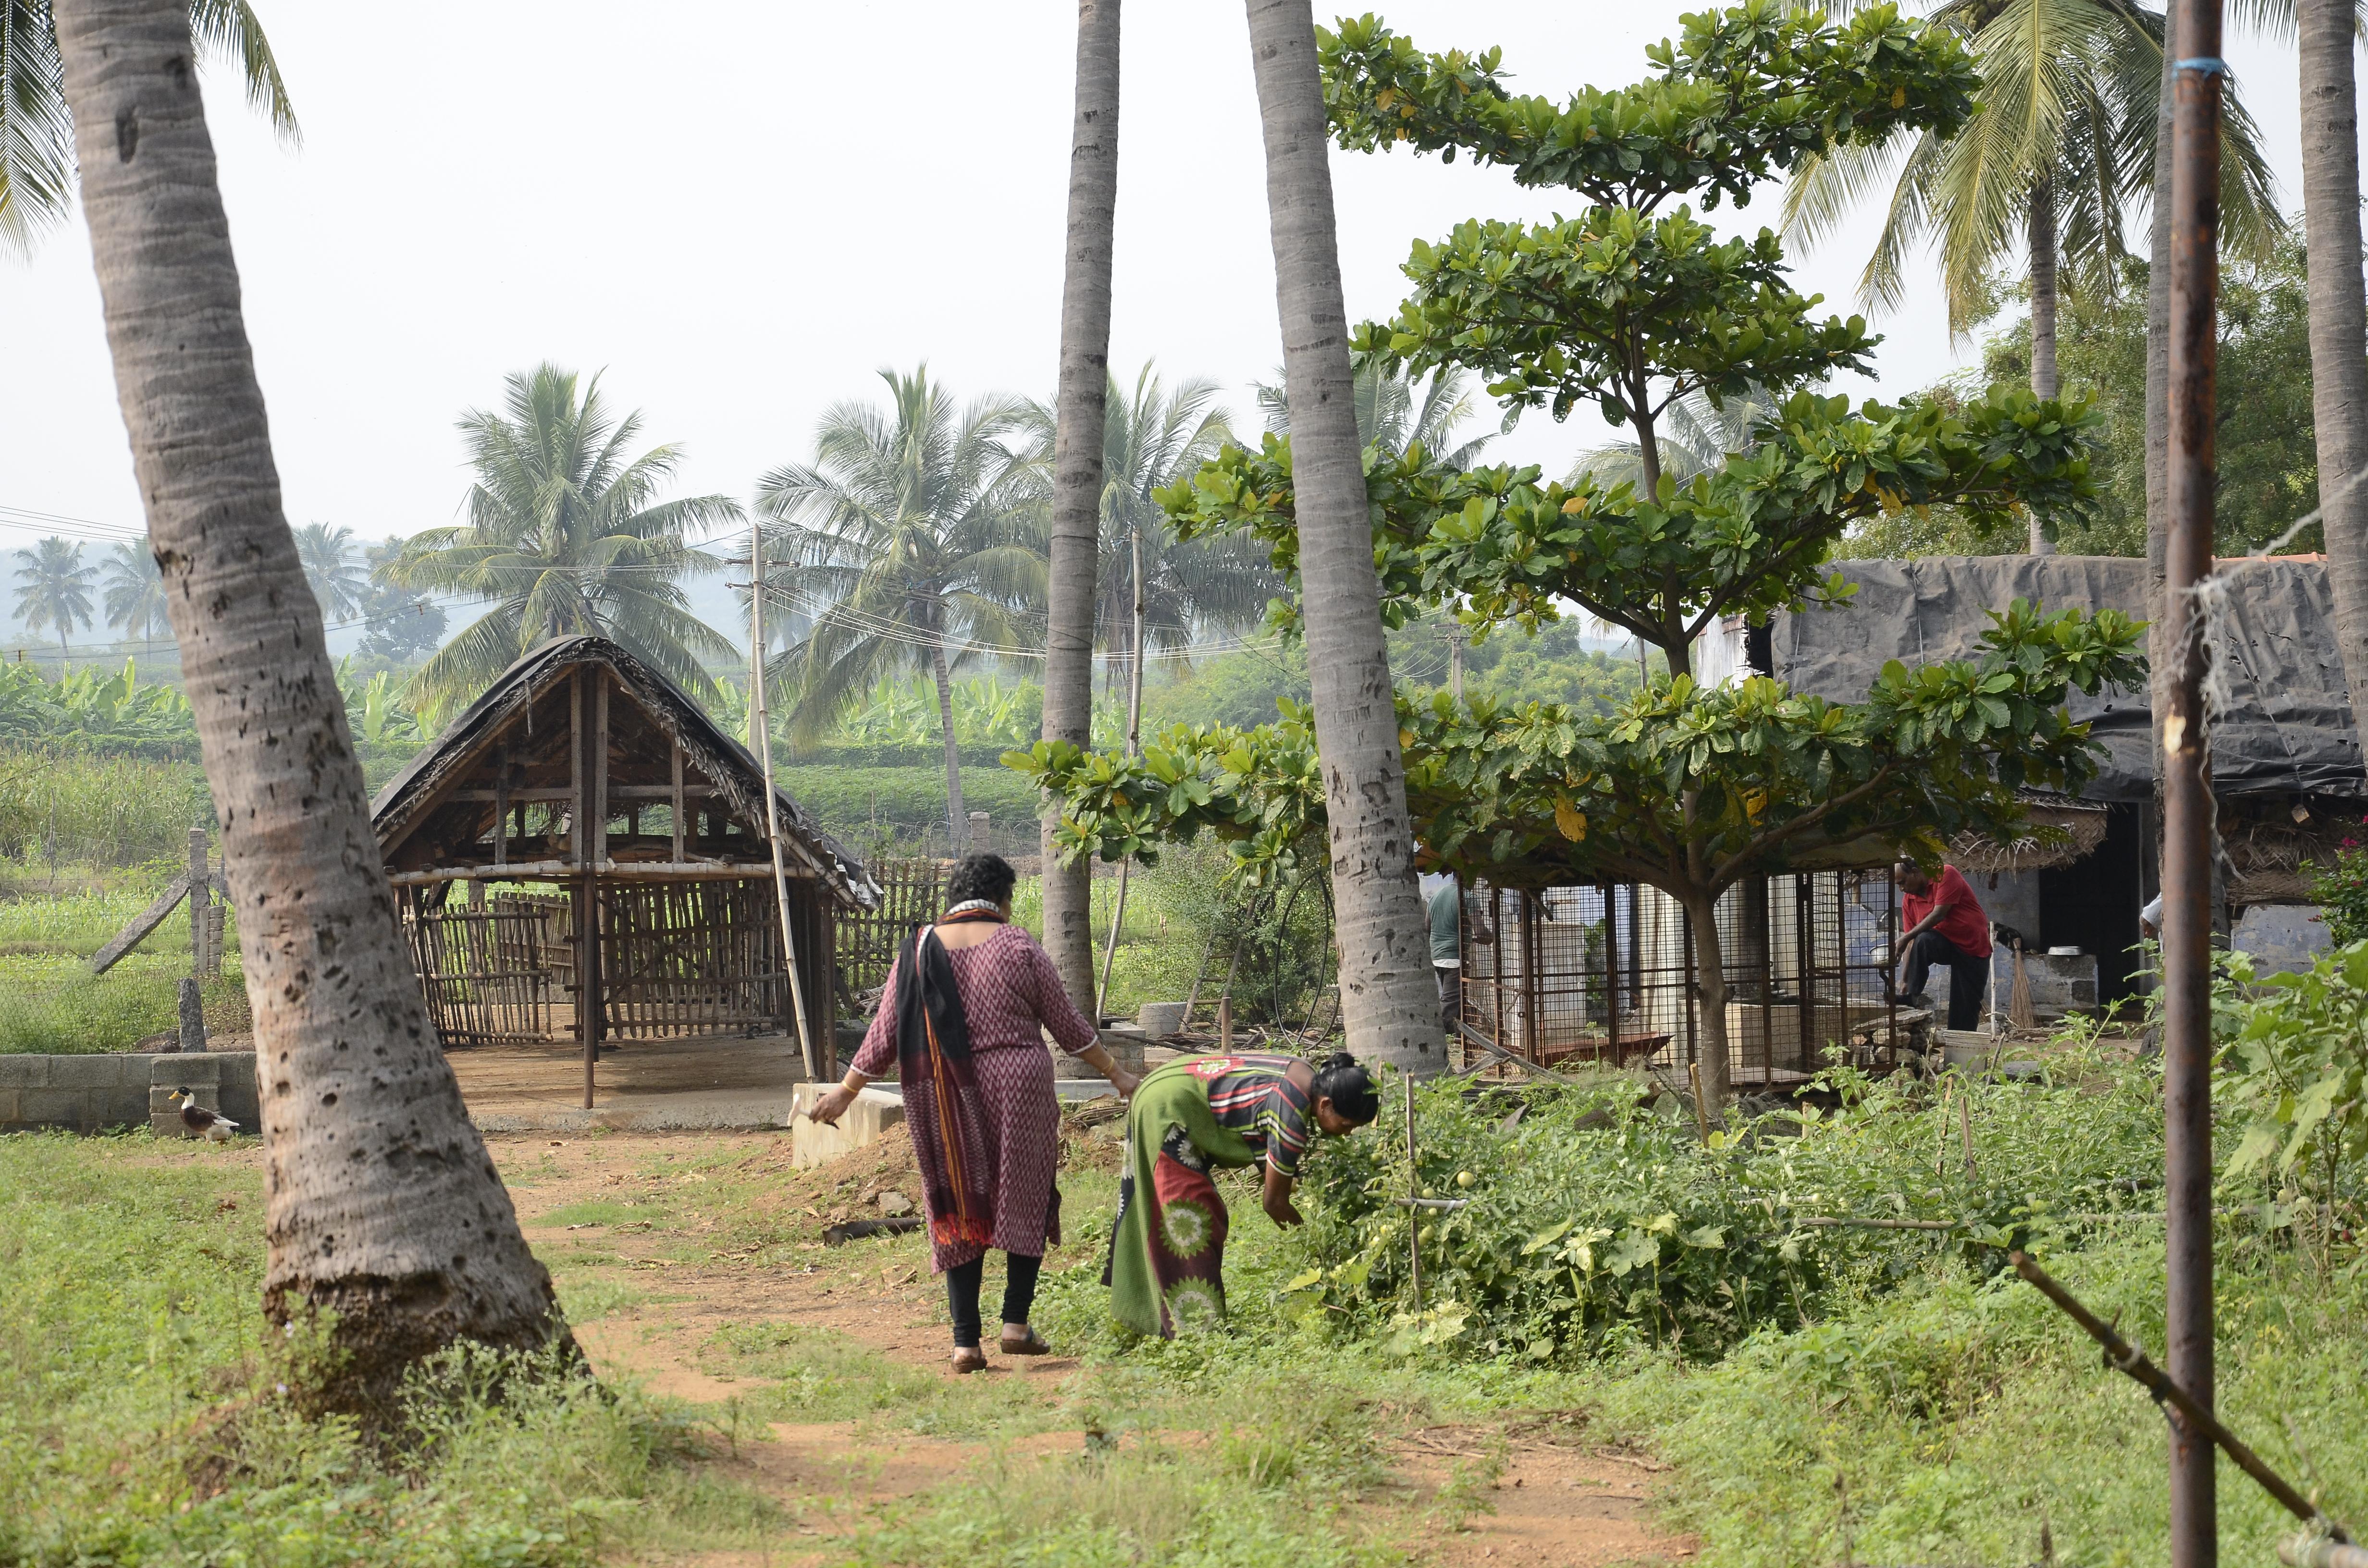 two women walking on the farm